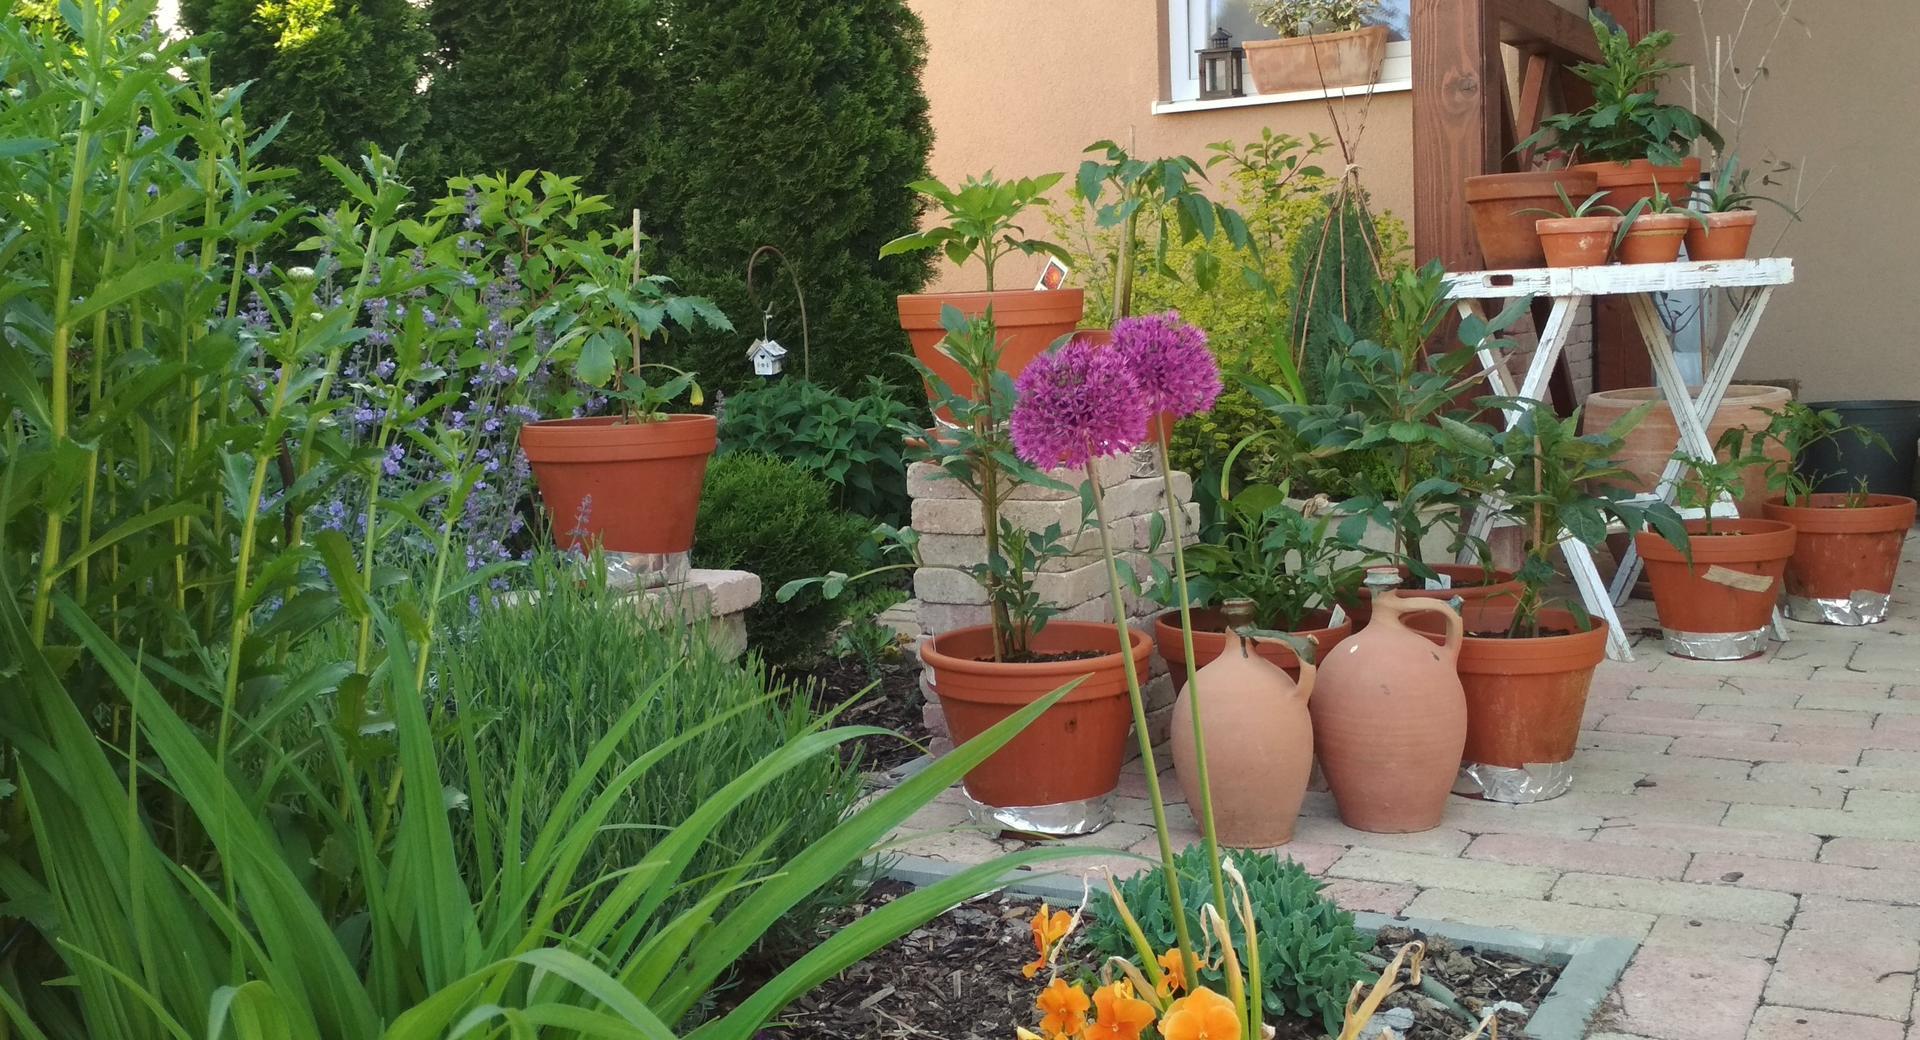 Dahlie - pestovanie v kvetináčoch - Obrázok č. 19